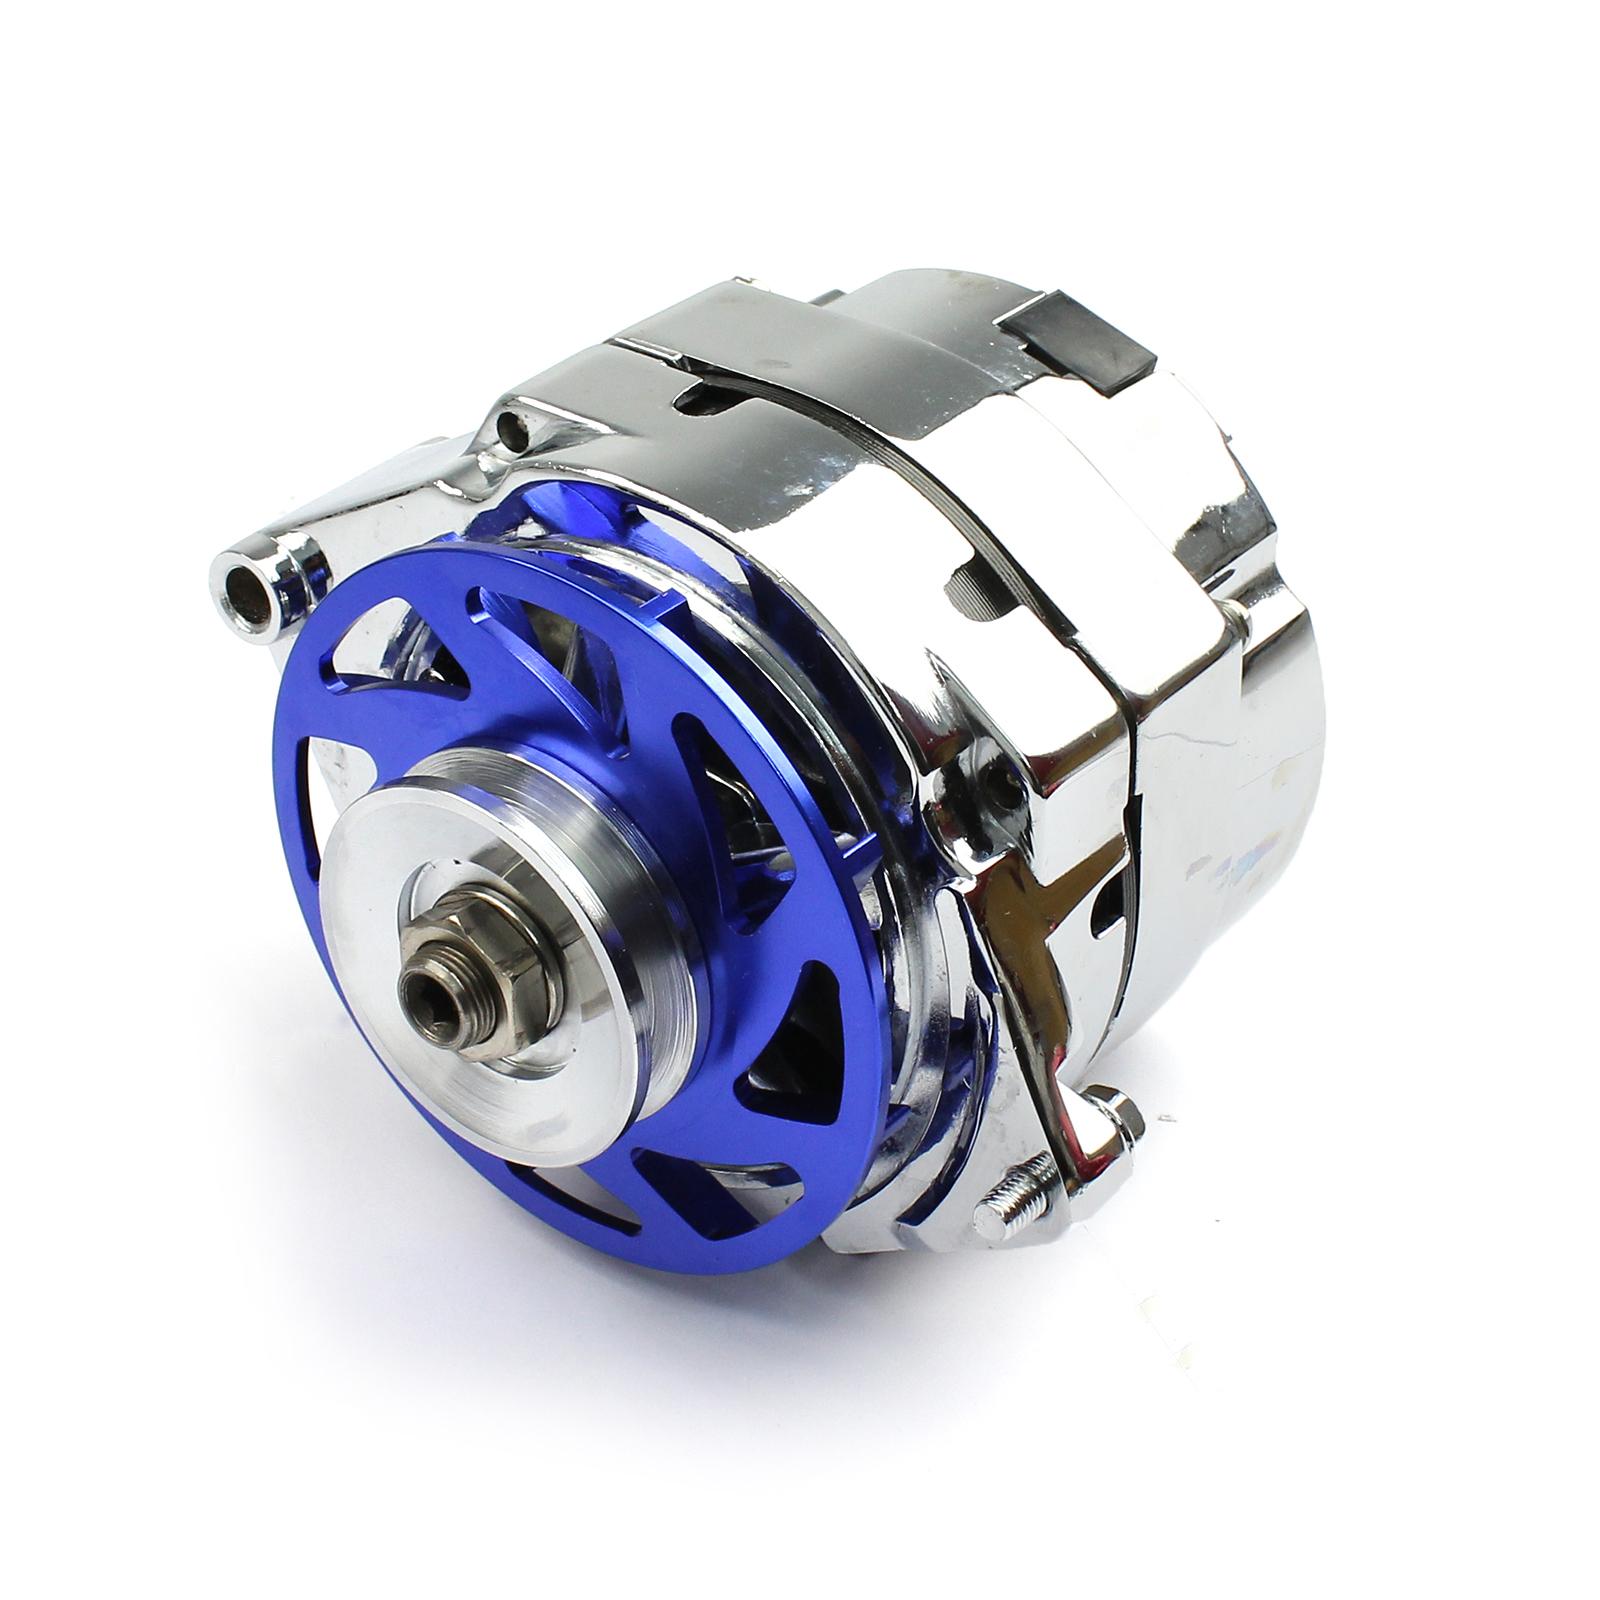 GM 100 Amp 1 Wire Internal Regulator High Output Alternator w/ Billet Fan Blue